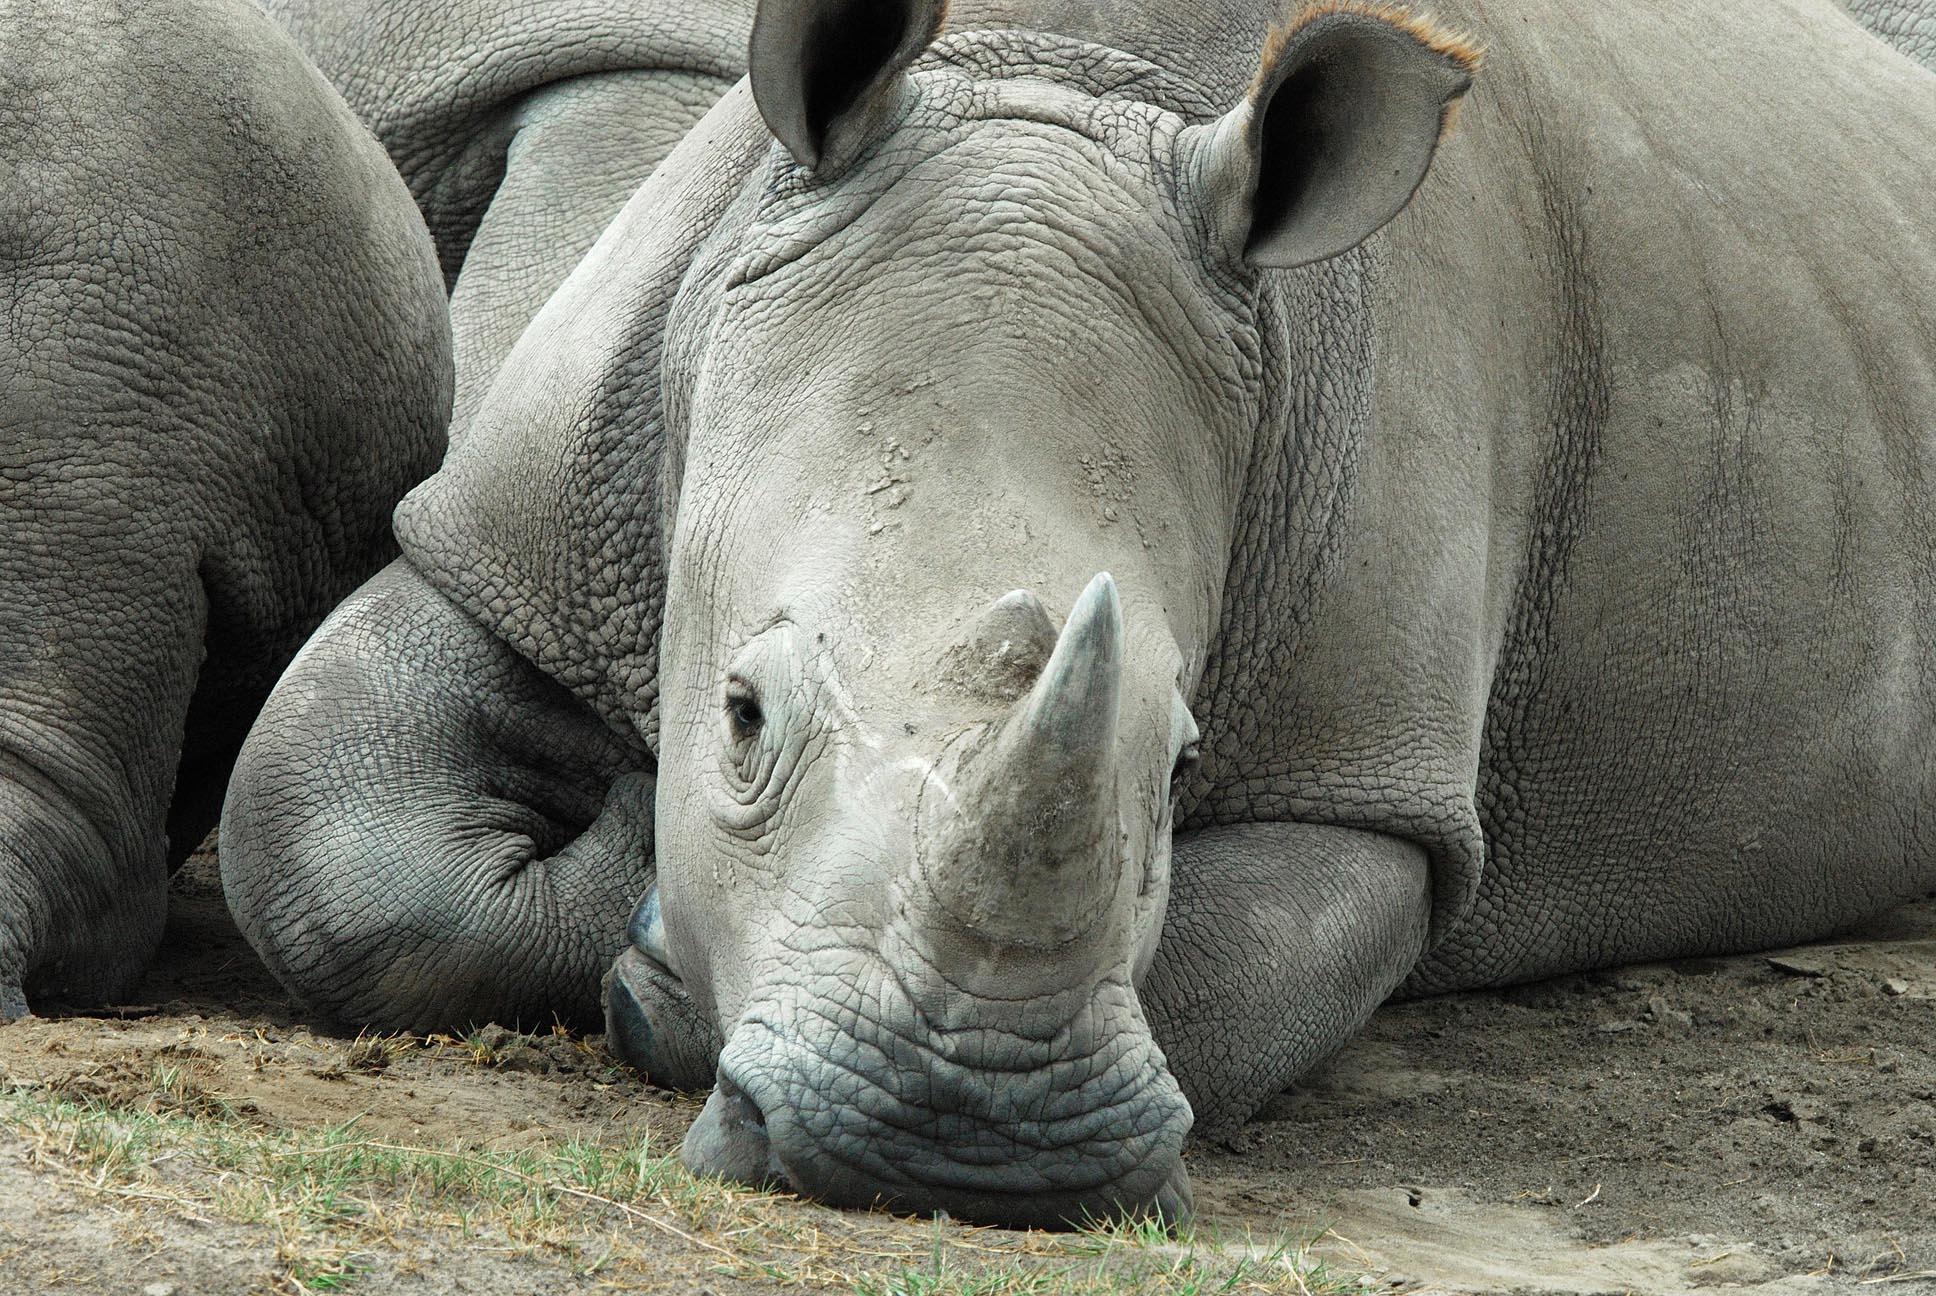 Serengeti & Ngorongoro Experience - Independent 2